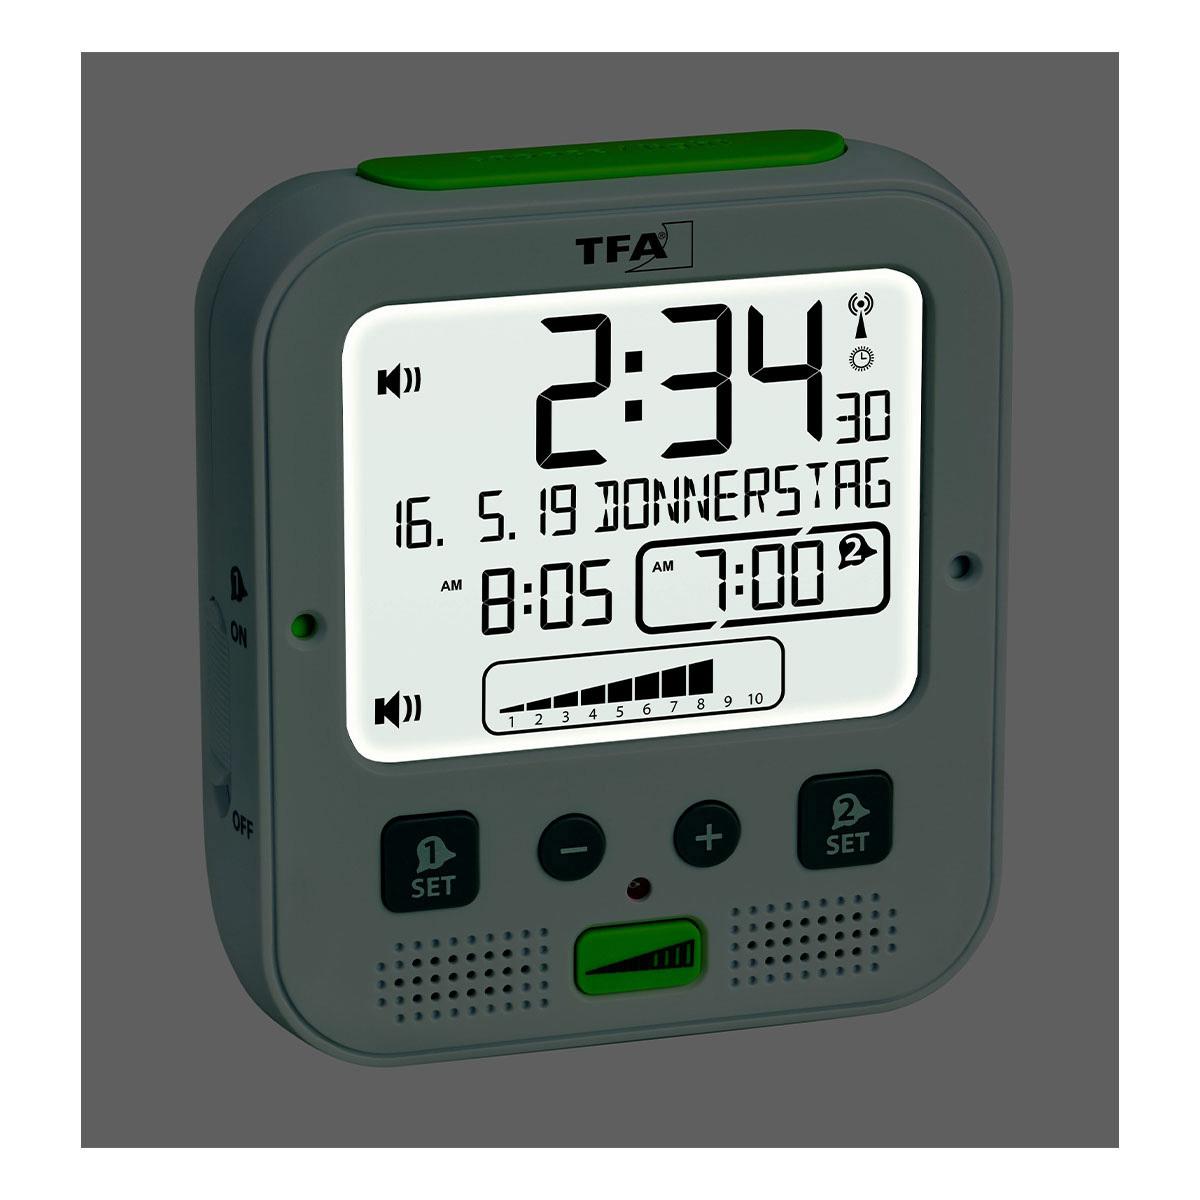 60-2538-02-hochleistungs-funkwecker-mit-vibrationsalarm-boom-beleuchtung-1200x1200px.jpg